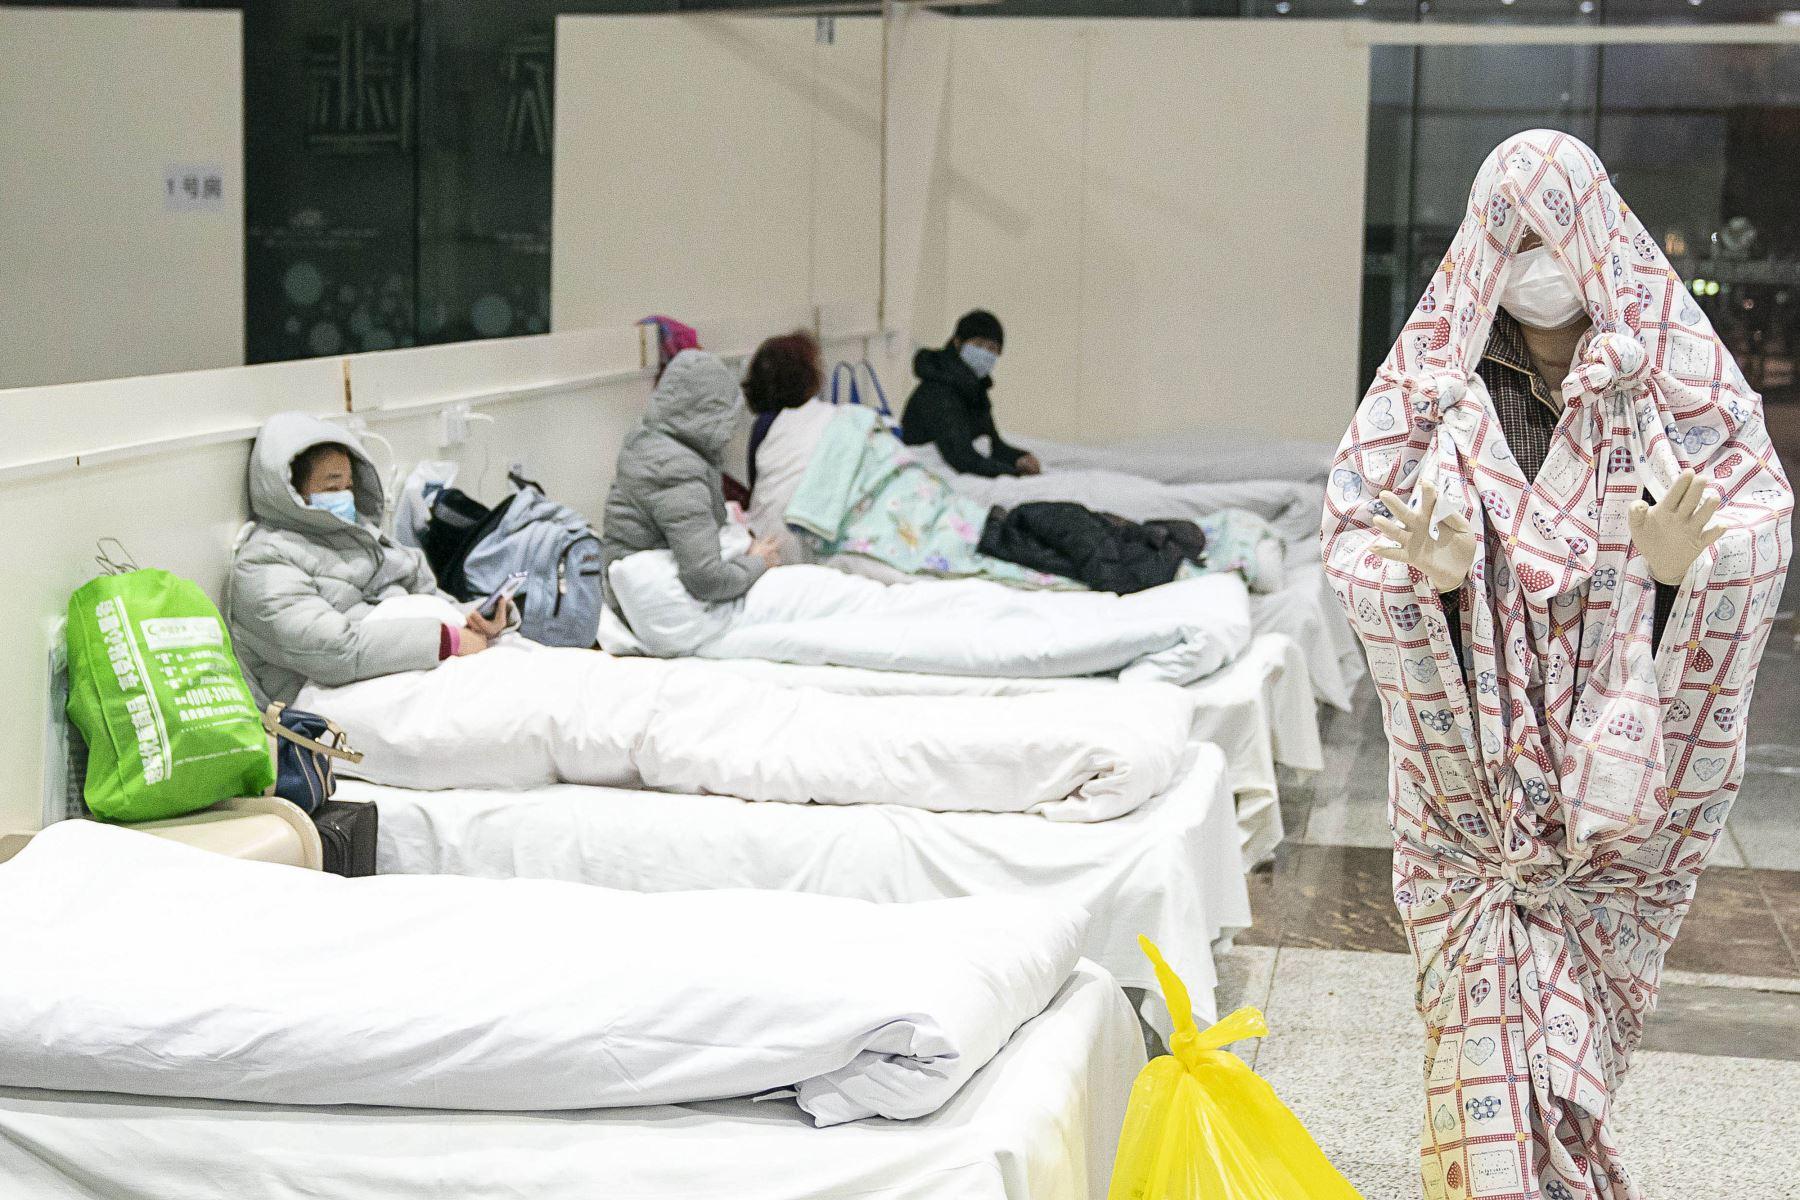 Un hombre de 61 años, procedente del centro de Taiwán, urió en el hospital el sábado tras dar positivo al coronovirus. Foto: AFP/Archivo